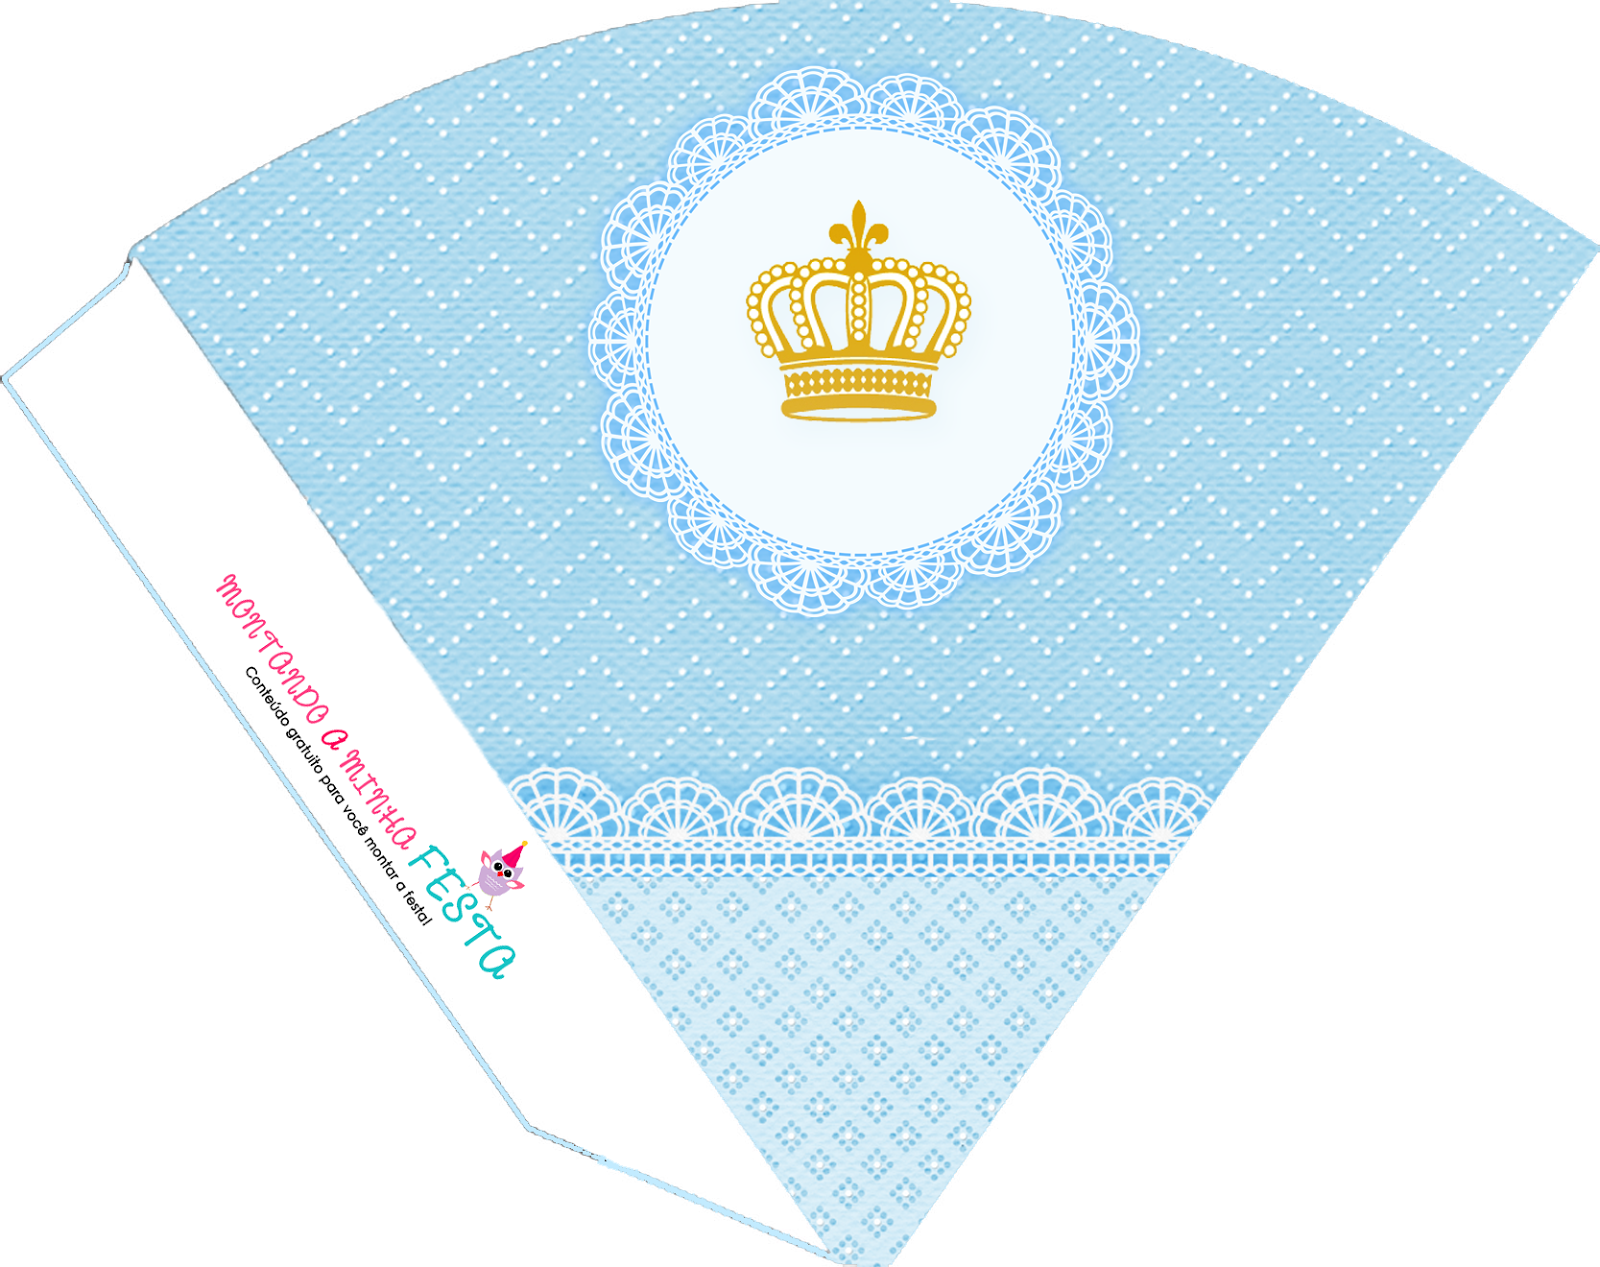 Esse kit é para quem gosta do estilo provençal! Foi muito pedido por nossas leitoras, o tema coroa de príncipe é muito usado hoje em di...